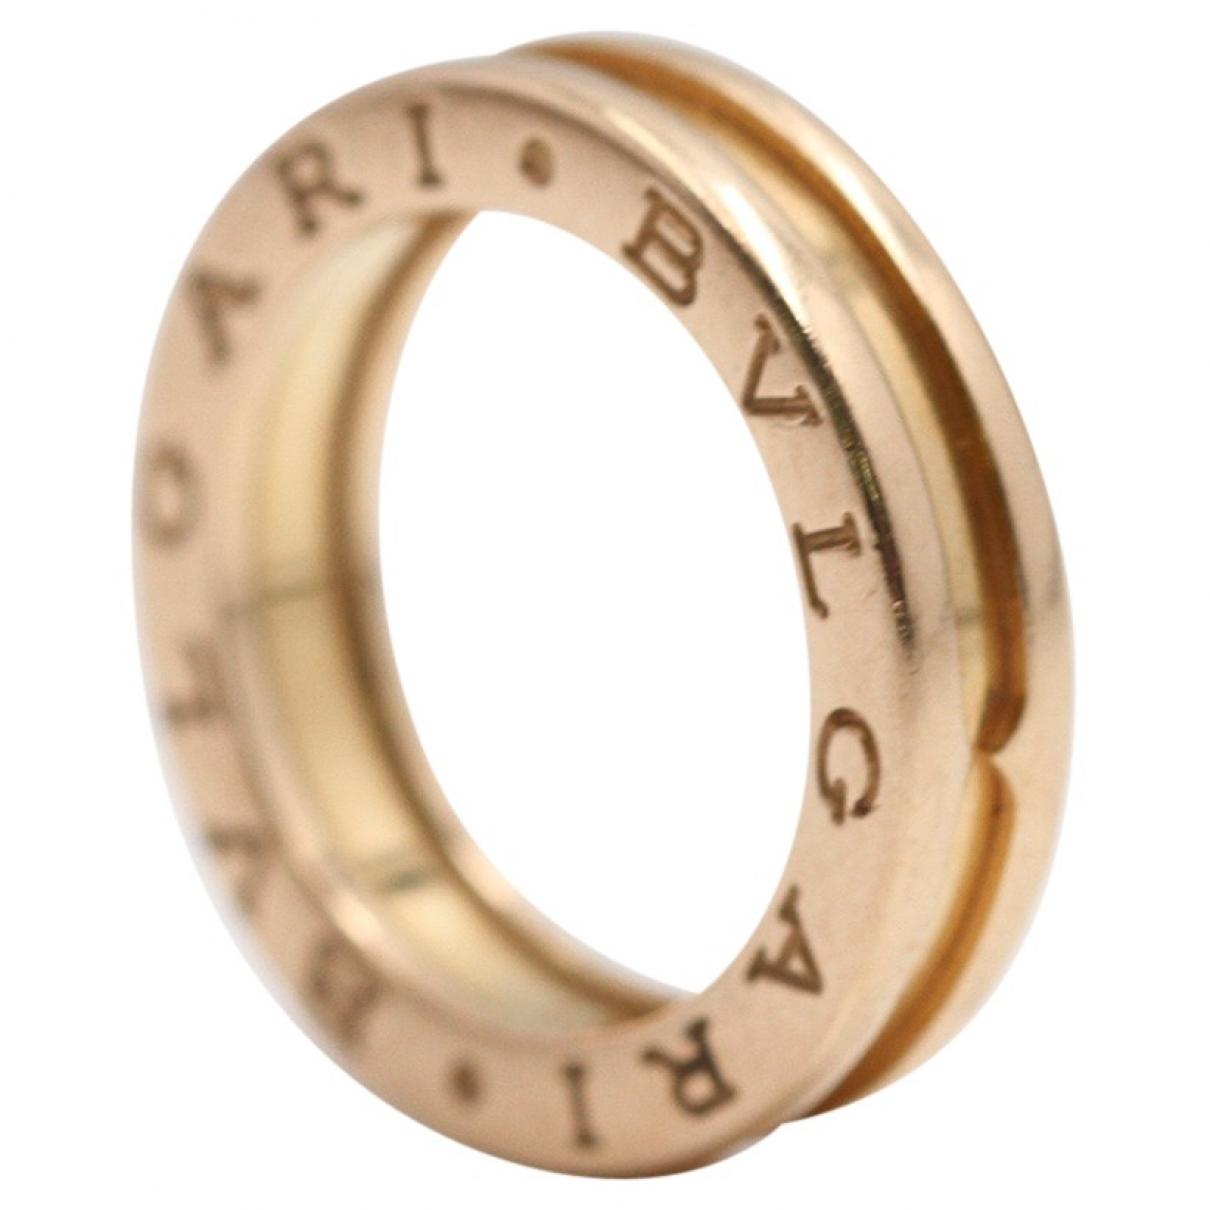 Bvlgari B.Zero1 Ring in Rosegold